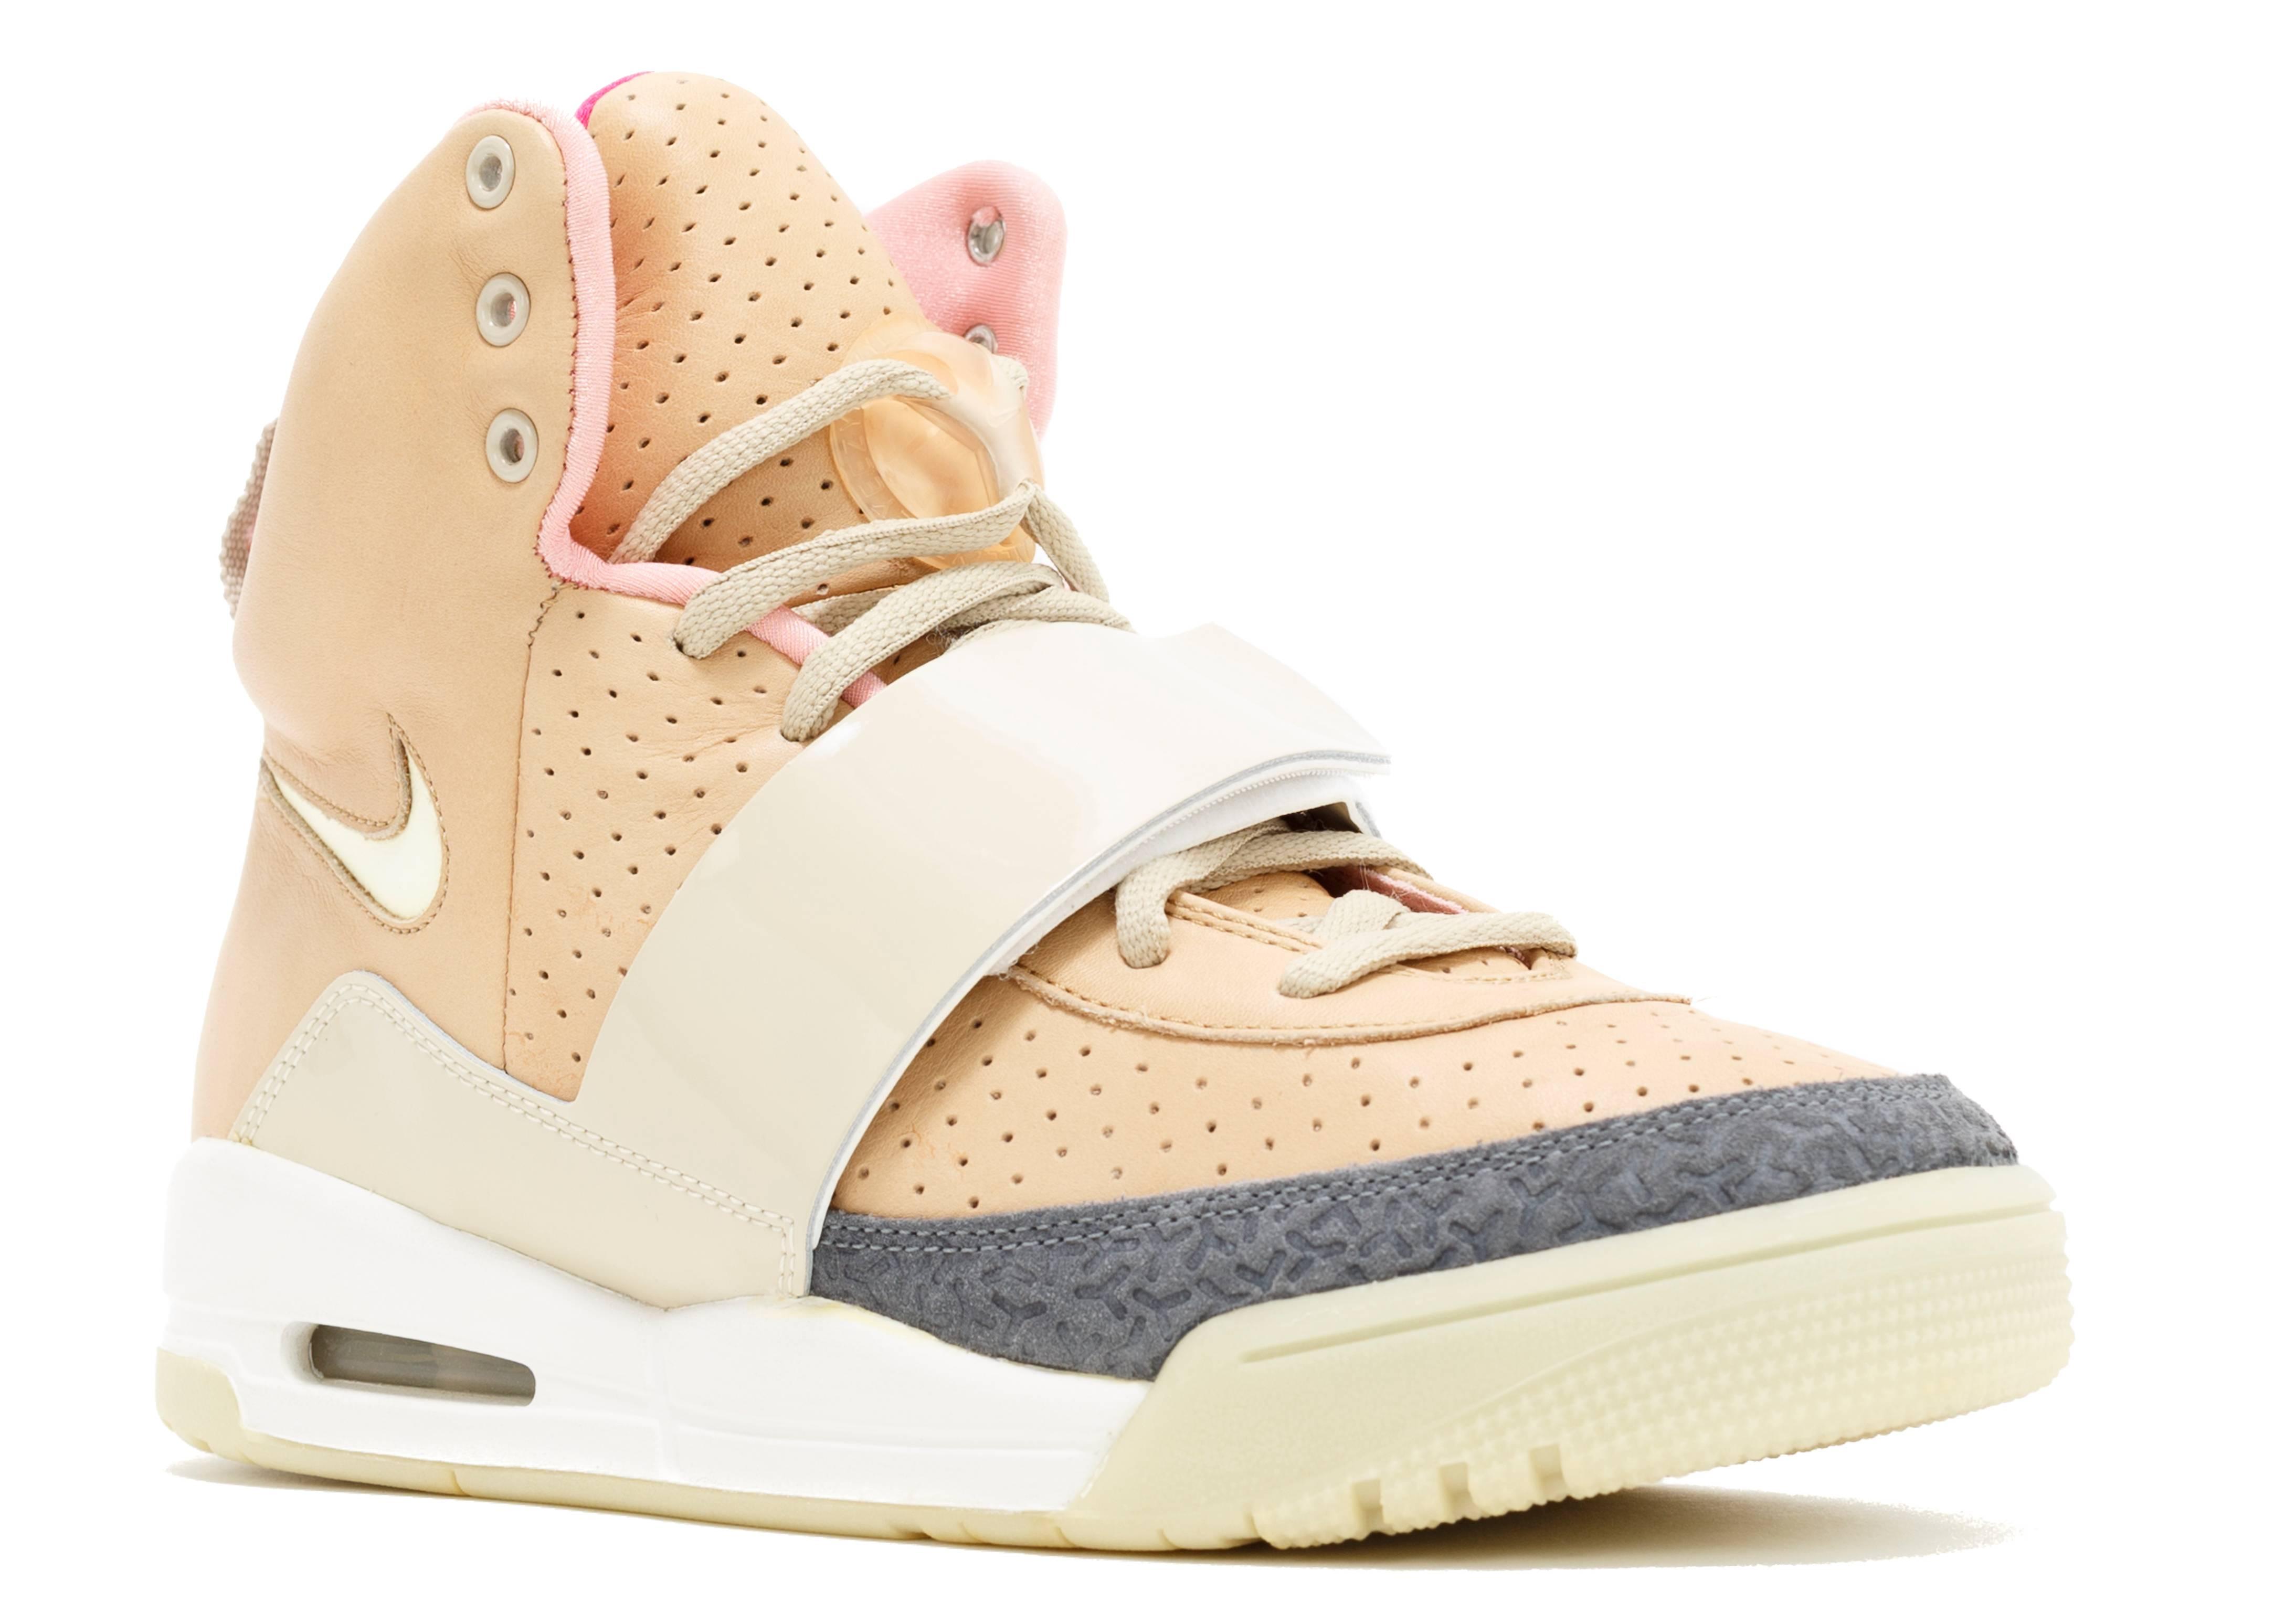 hot sale online 5027d f0de7 Air Yeezy - Nike - 366164 111 - net net   Flight Club